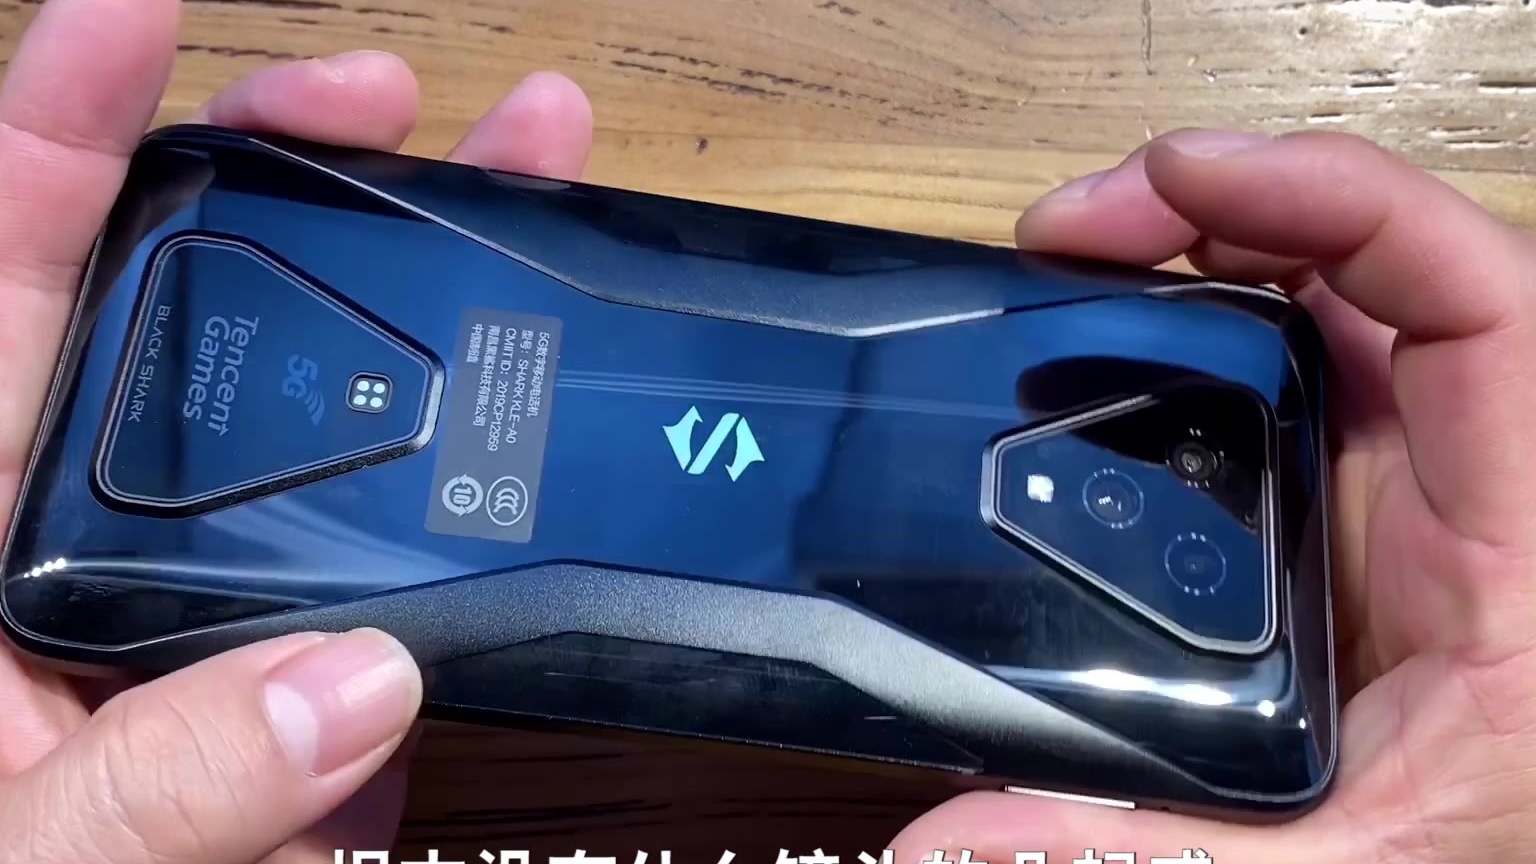 开箱3499元,腾讯黑鲨游戏手机3,都不敢相信,手机还能这么设计